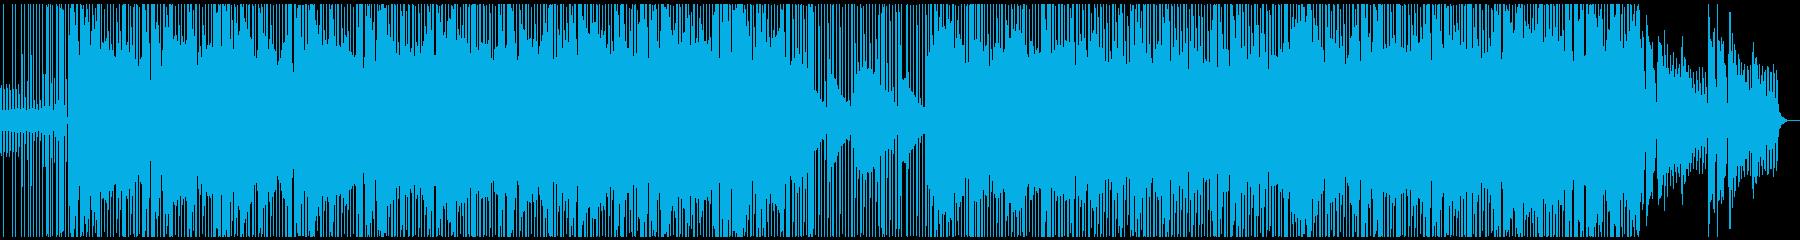 チルな雰囲気のエレクトロの再生済みの波形